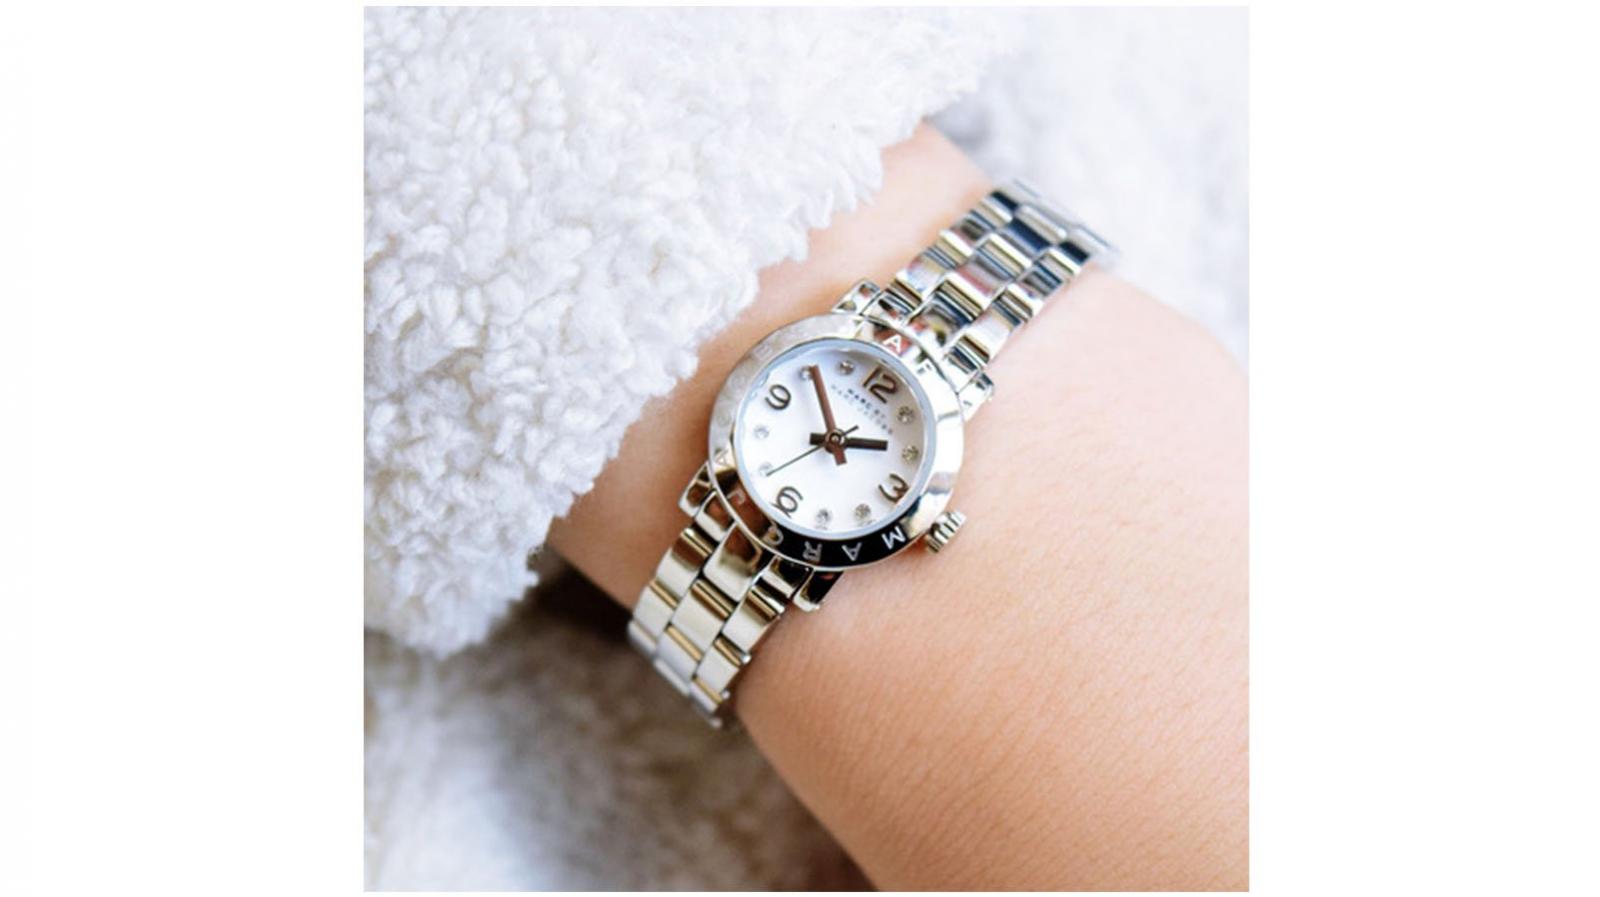 Đồng hồ Marc Jacobs giá bao nhiêu?